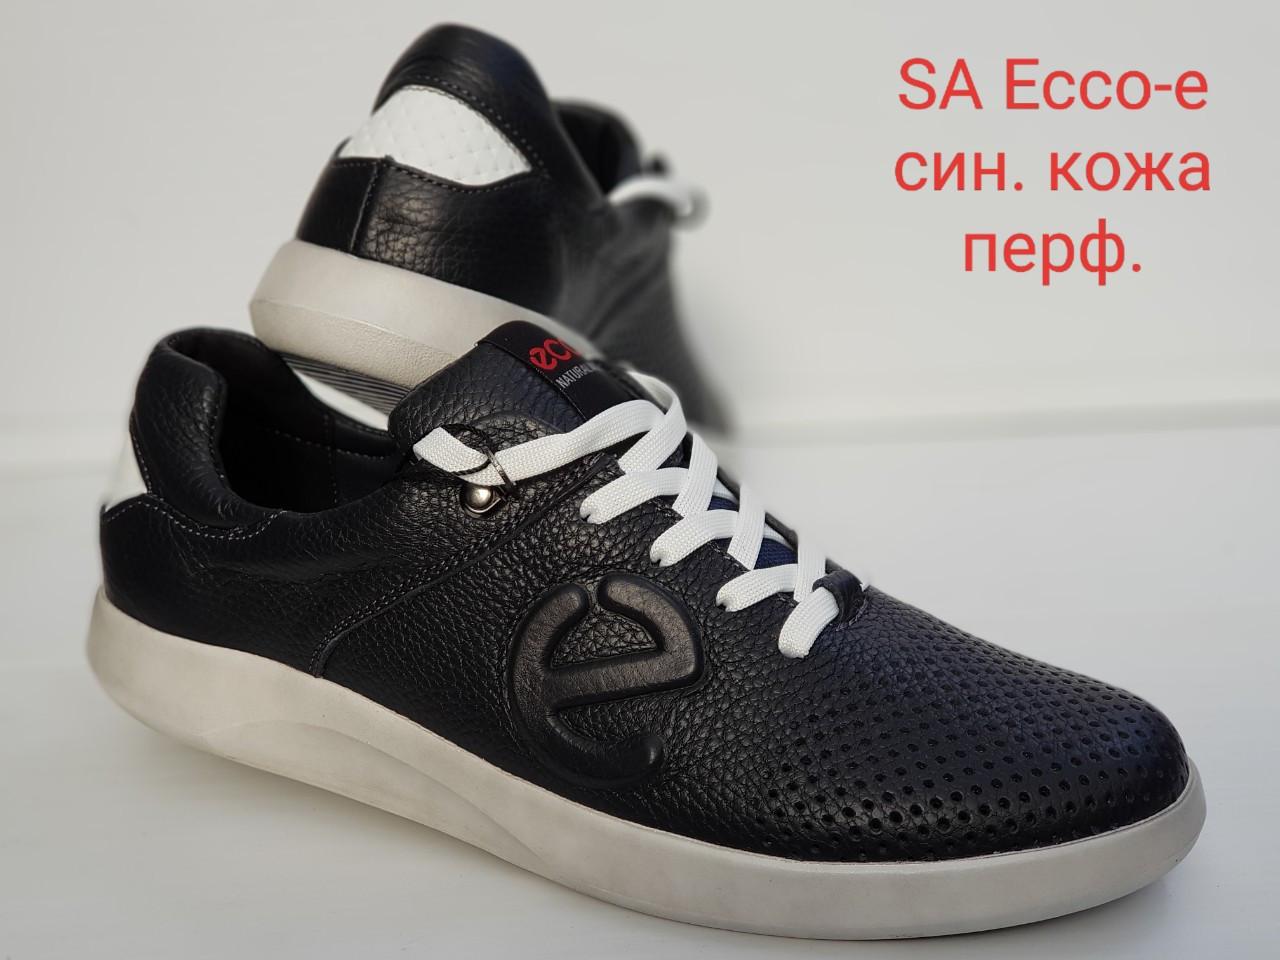 Кроссовки SA Ecco- e перфорация синие